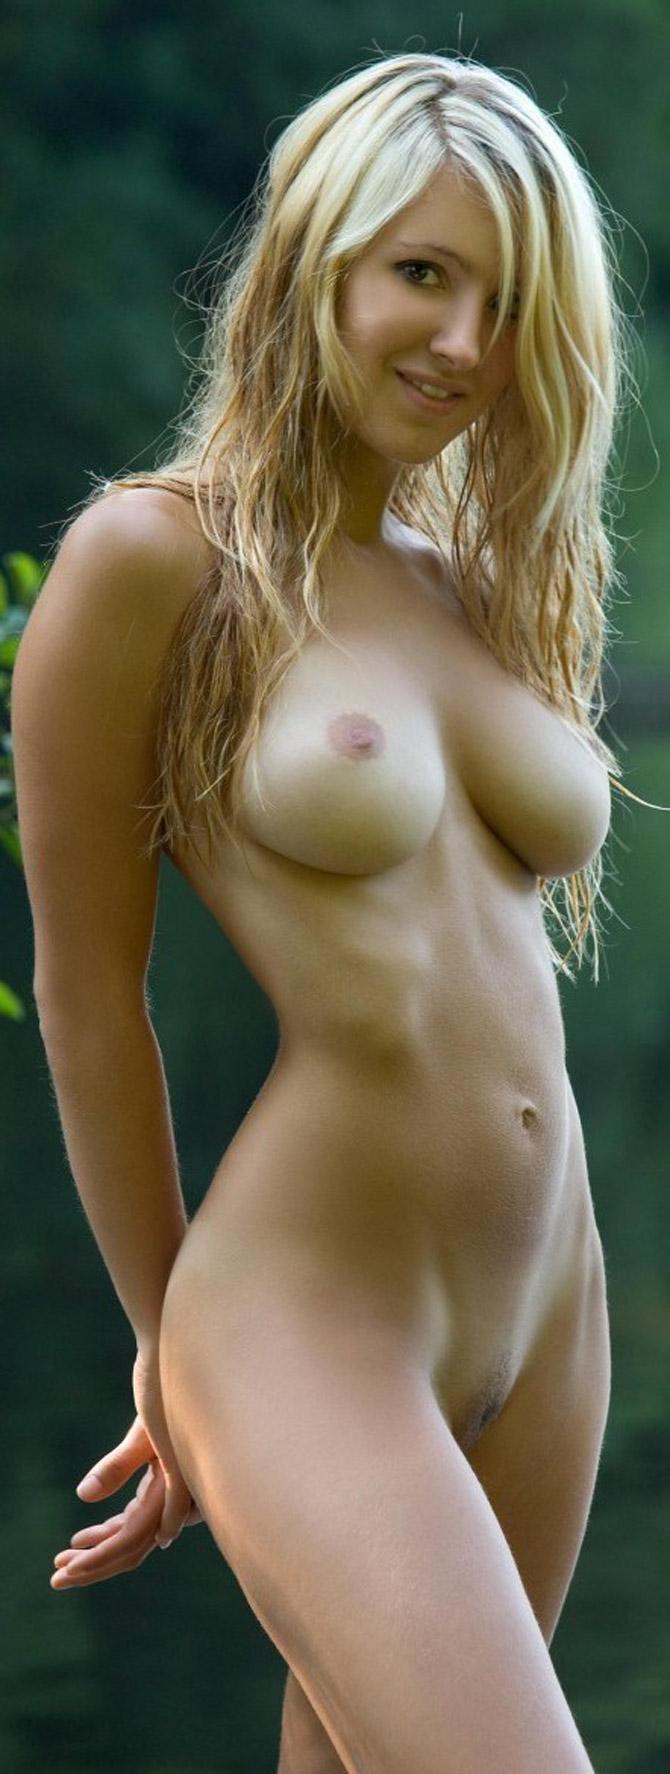 Belle lesbienne blonde nue aux nichons parfaits